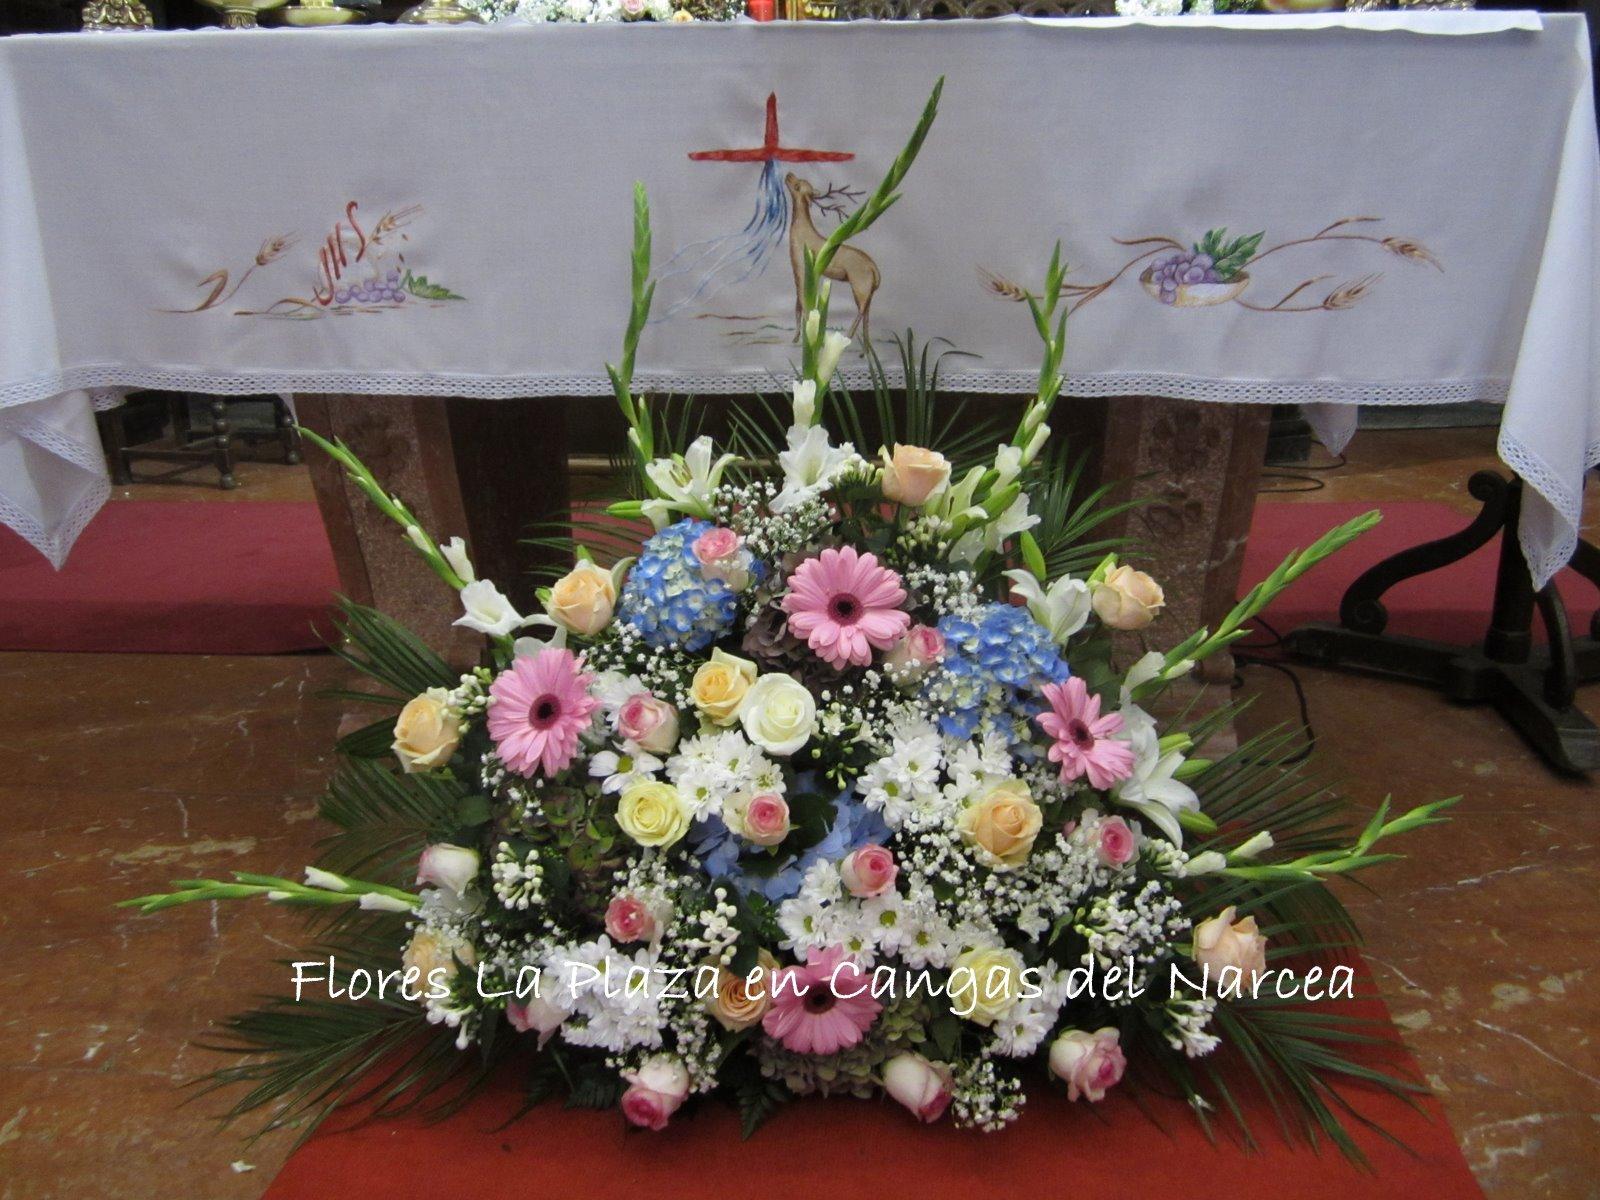 Fotos De Centros De Flores Para Iglesias - Consejos para las Flores en la Iglesia Los Mejores Ramos